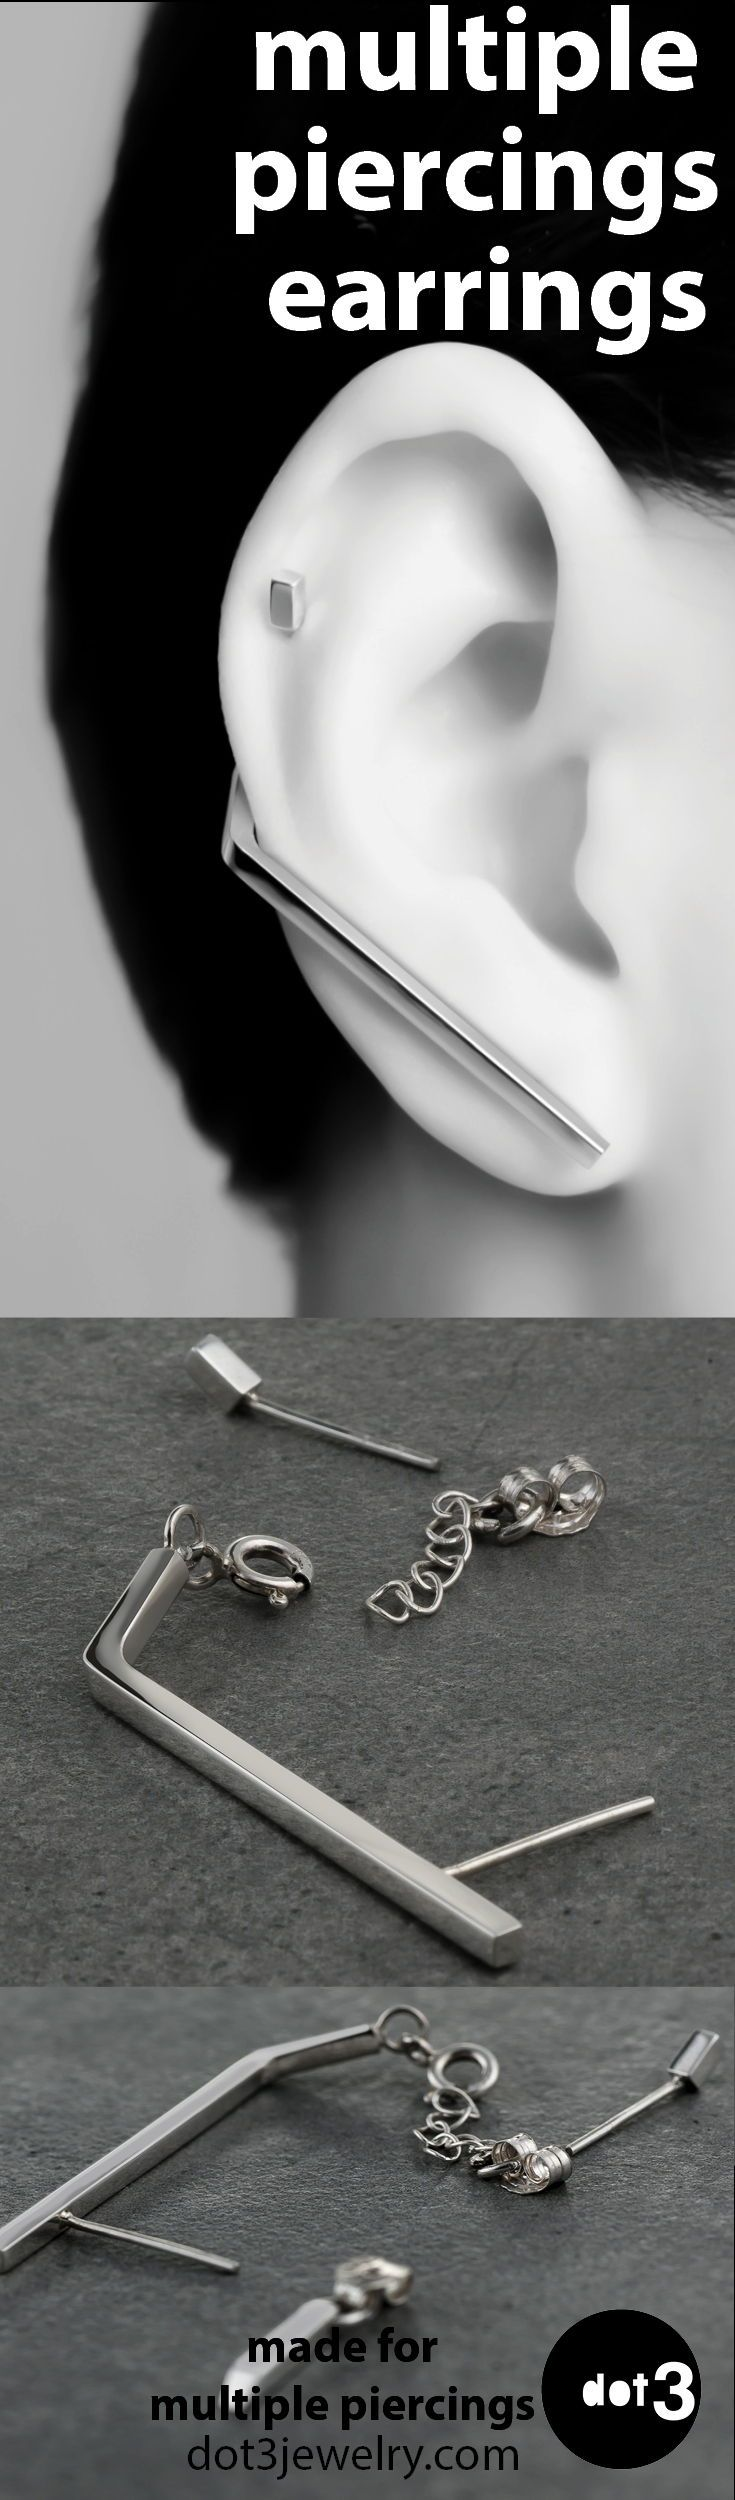 Names for cartilage piercing   my pm date  multiple piercing earrings  Piercings  Pinterest